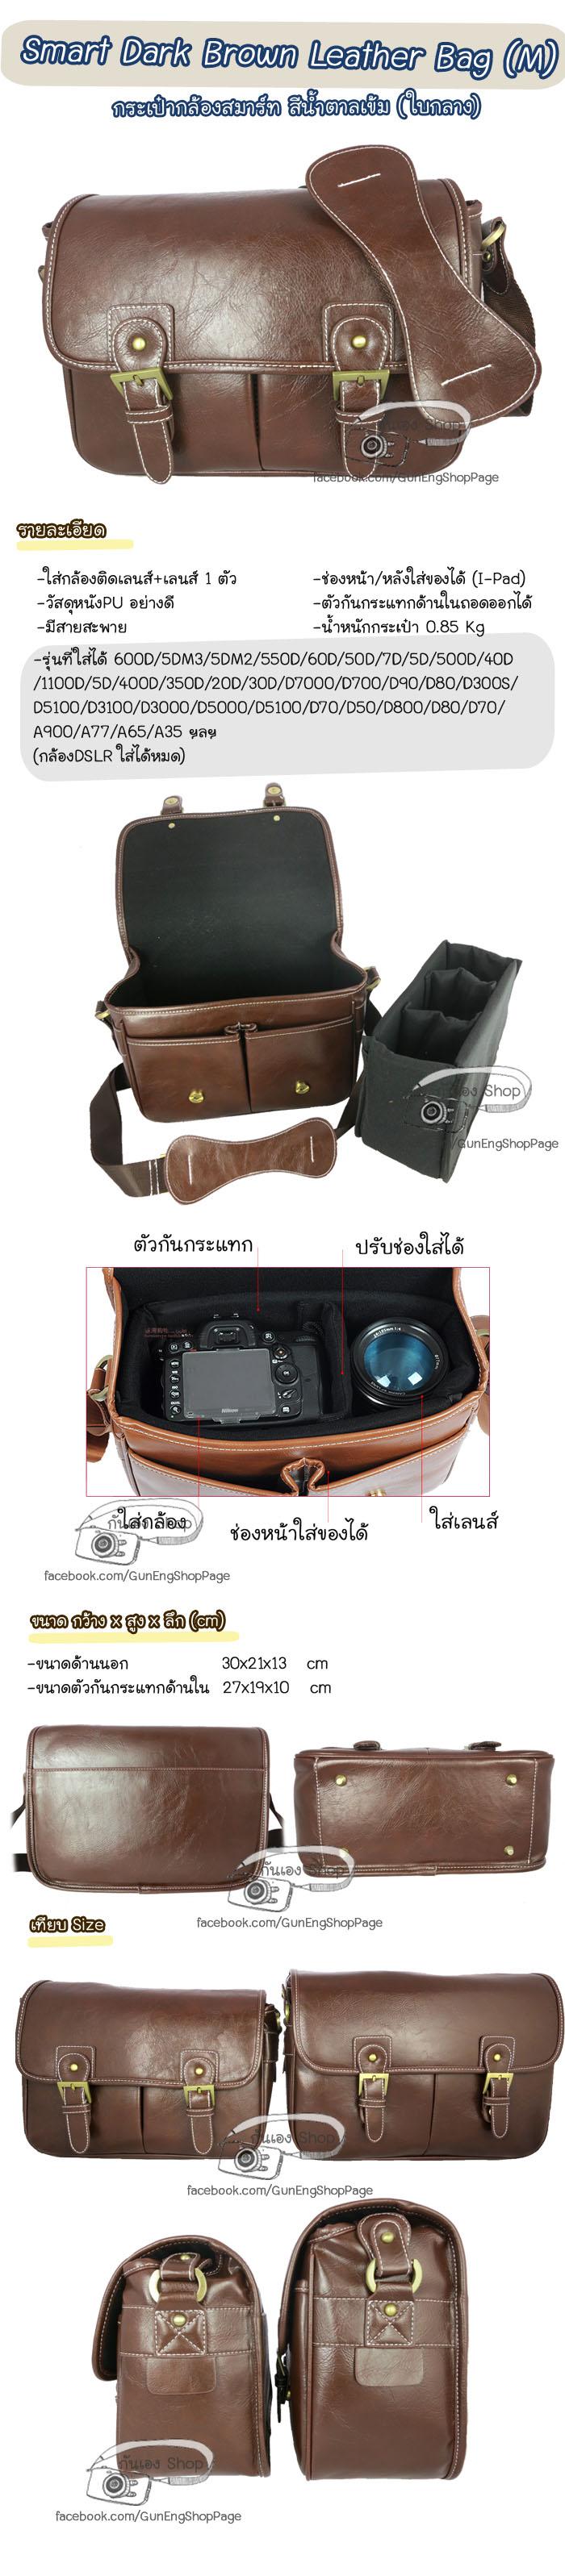 กระเป๋ากล้องหนัง Smart Dark Brown Leather Bag (M)